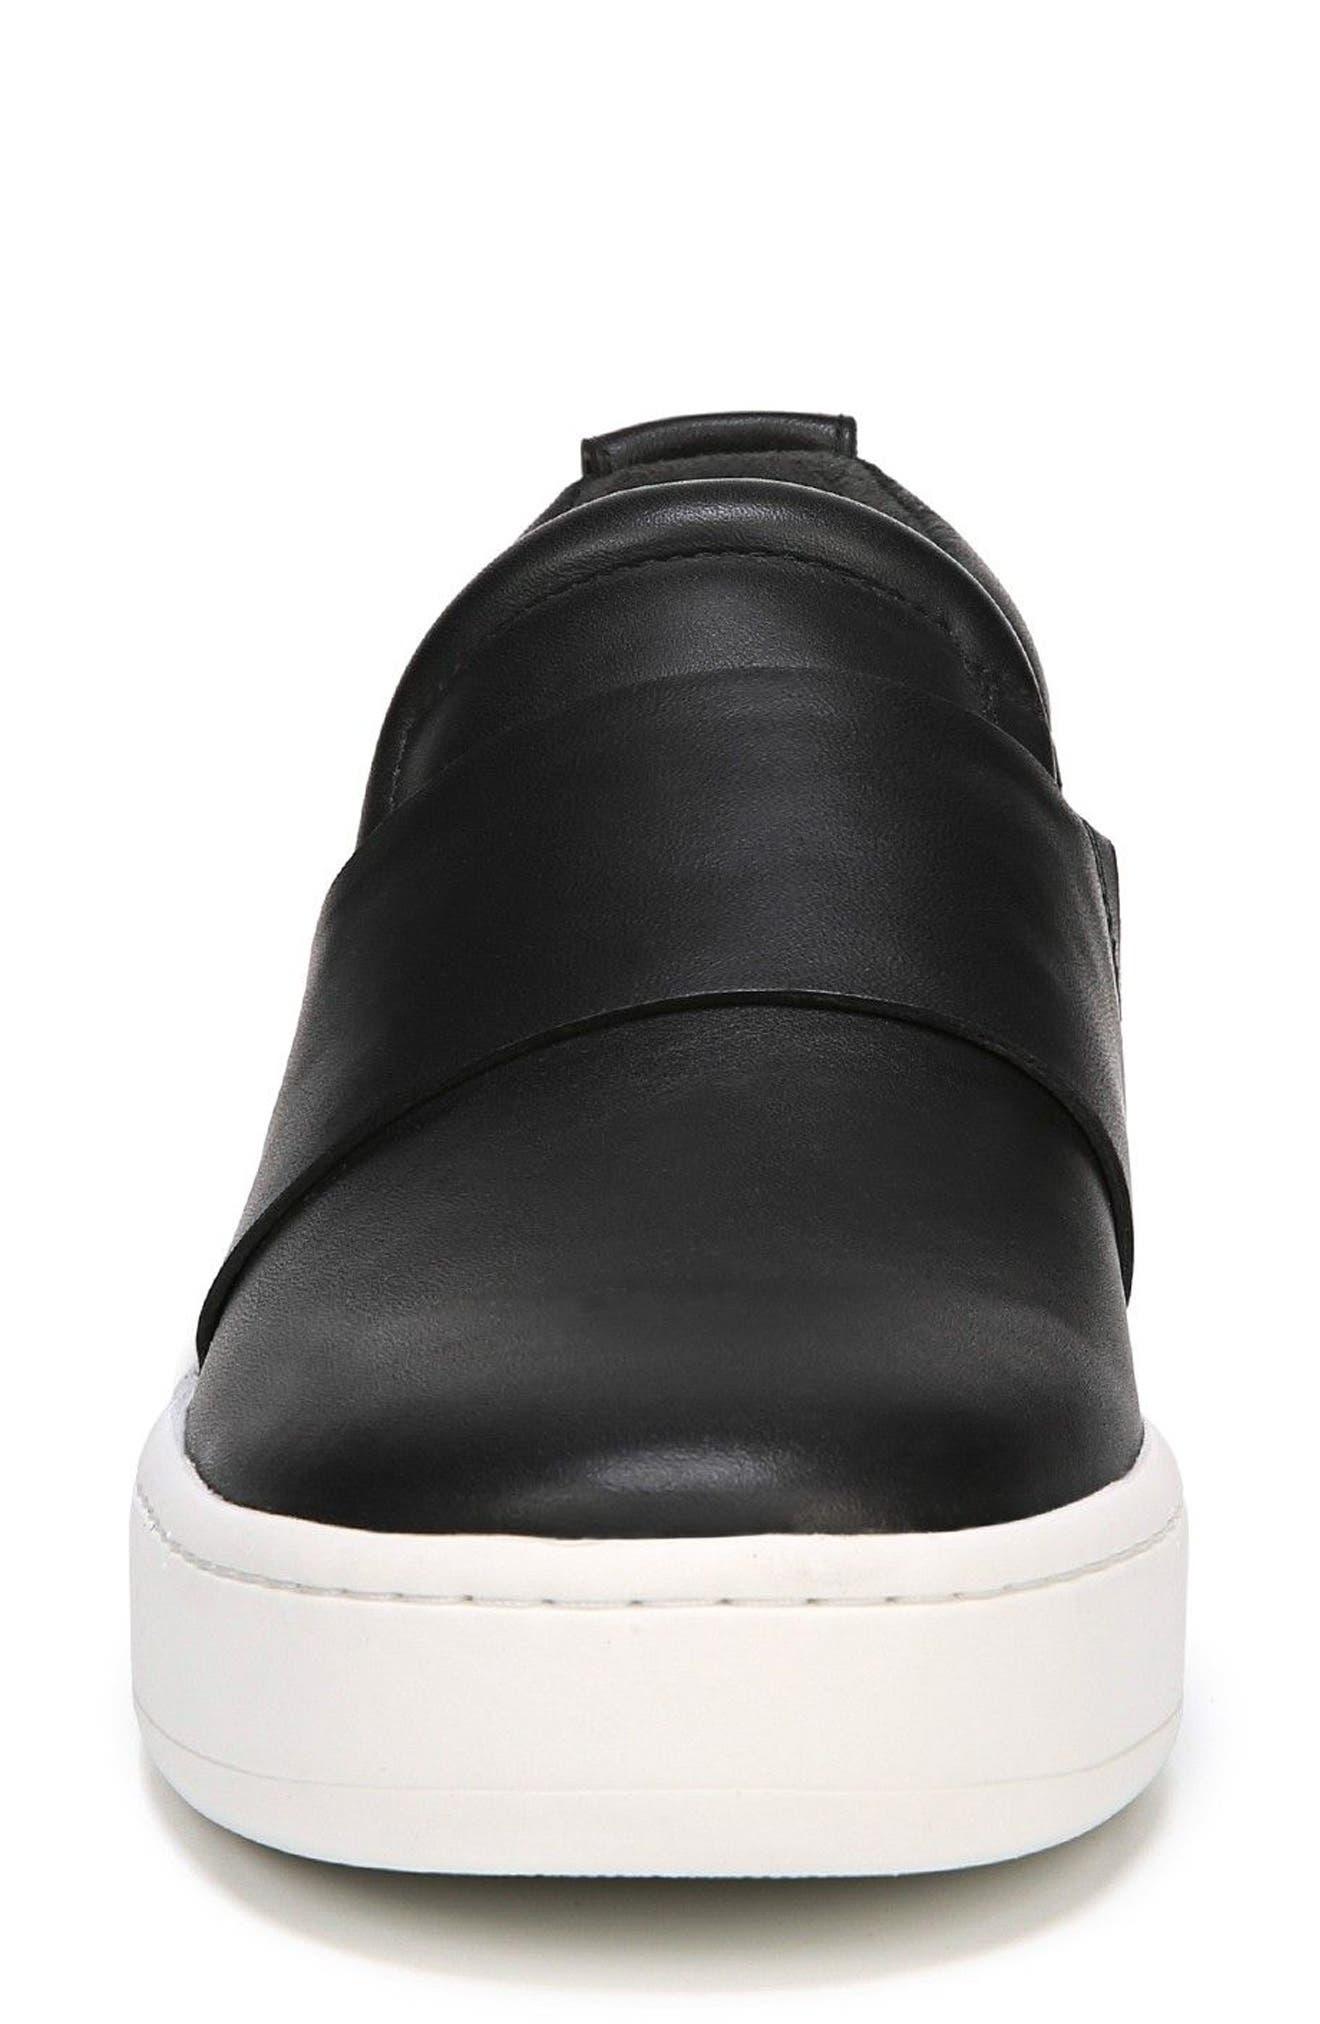 Ryder Slip-On Sneaker,                             Alternate thumbnail 4, color,                             Black Leather